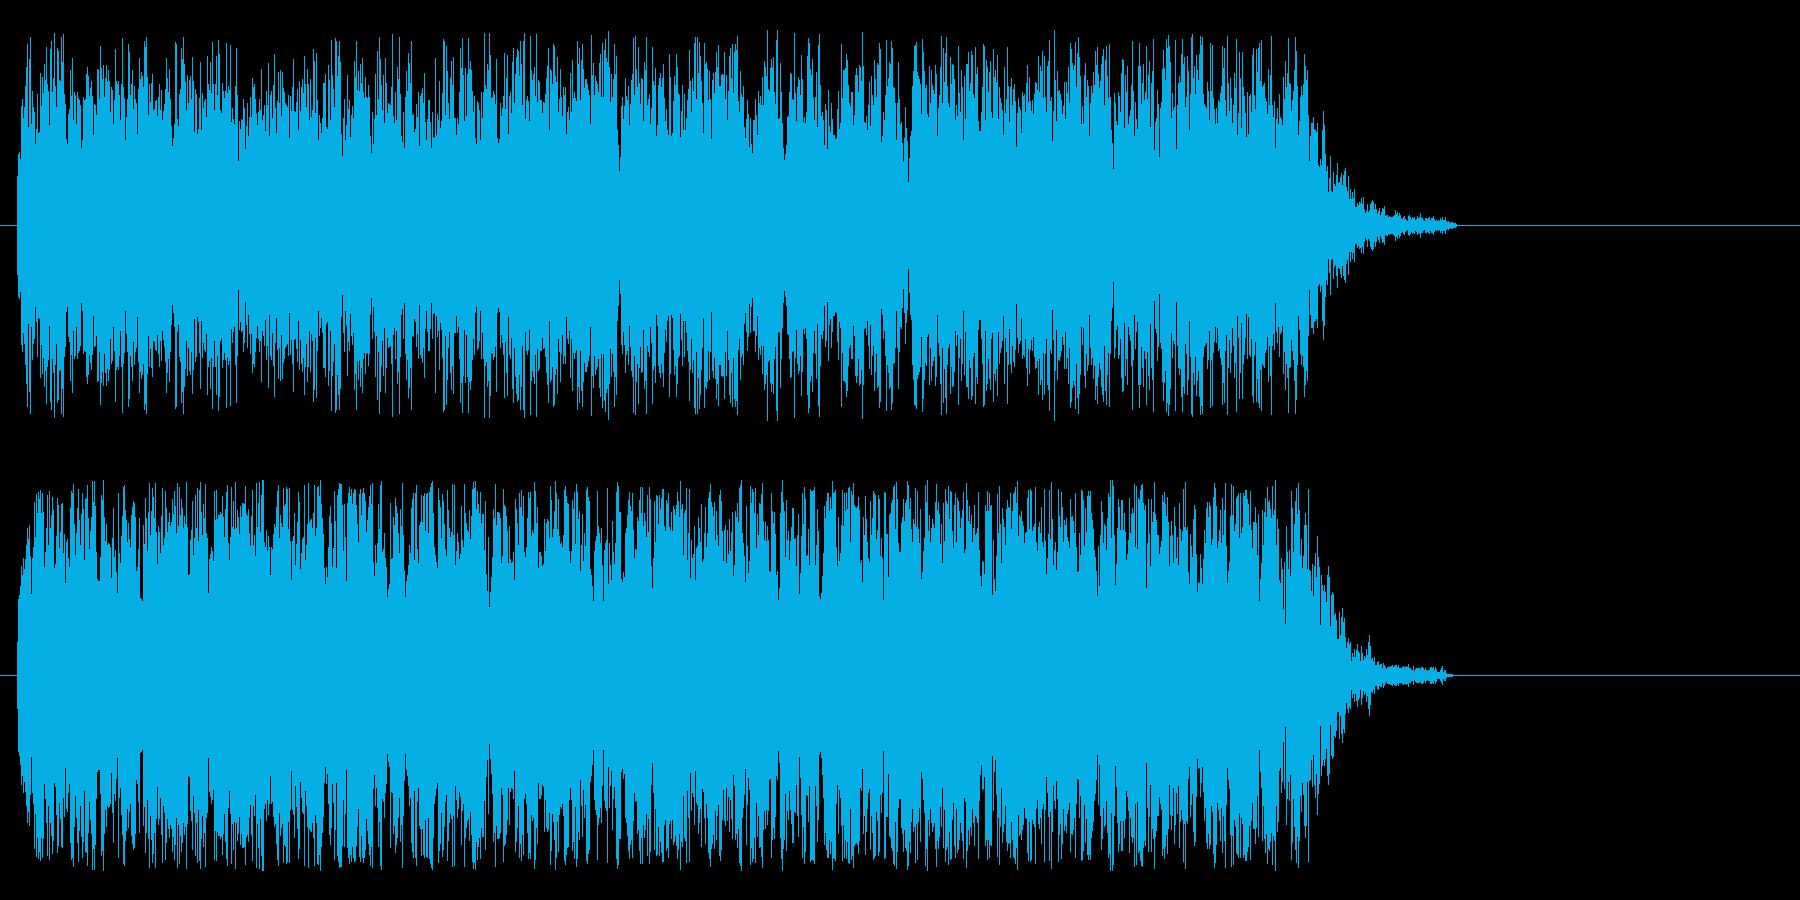 ビーム、機械系の再生済みの波形